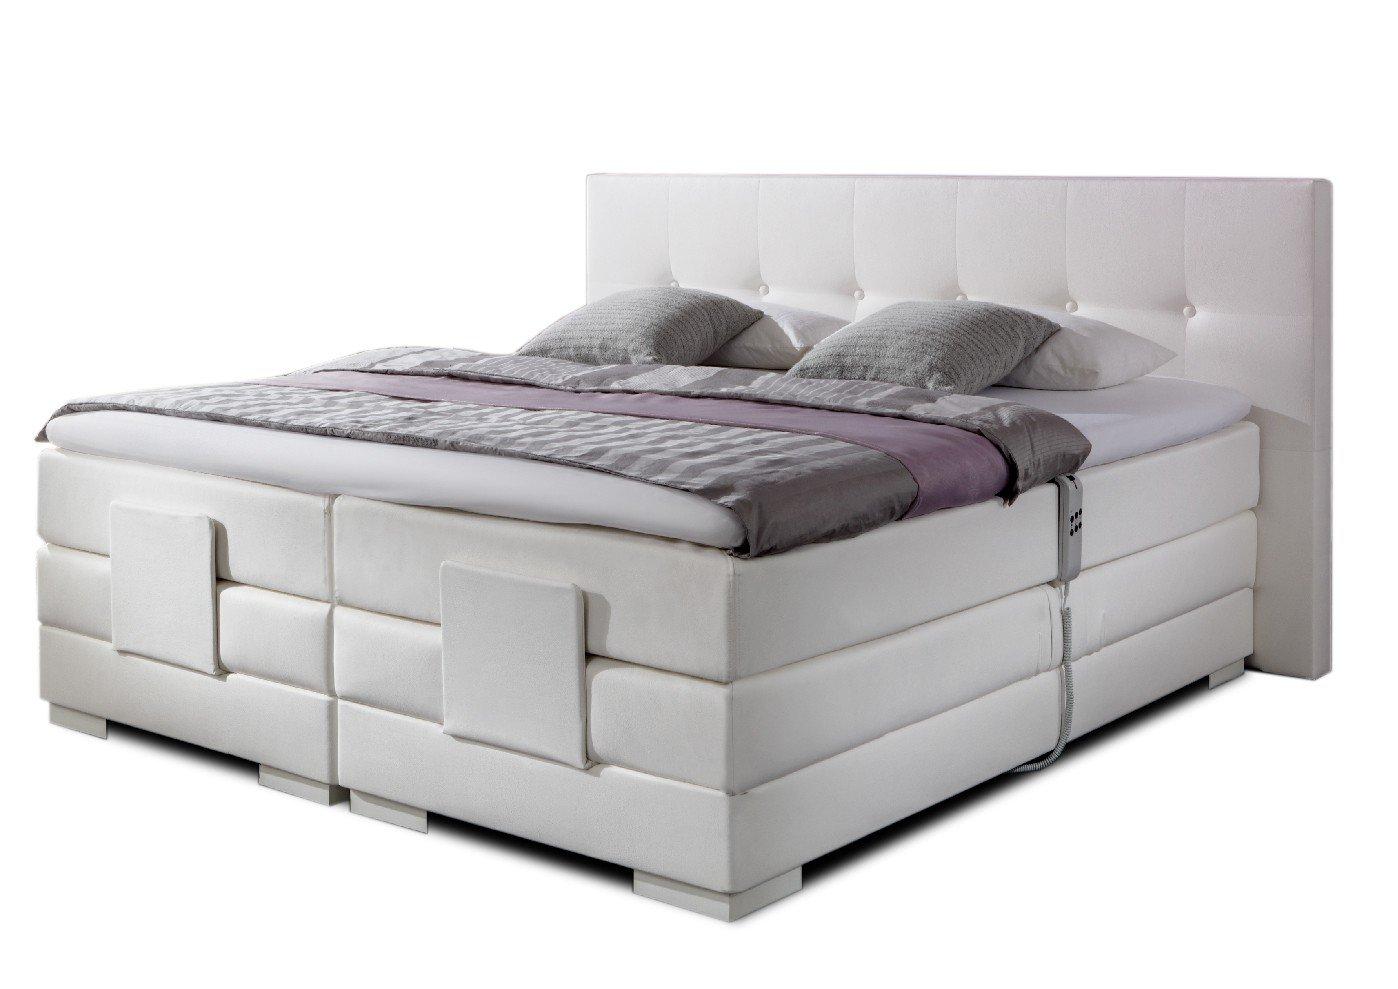 Boxspringbett weiß stoff  Luxus Boxspringbett in weiss elektrisch verstellbar NIZZA in 30 ...